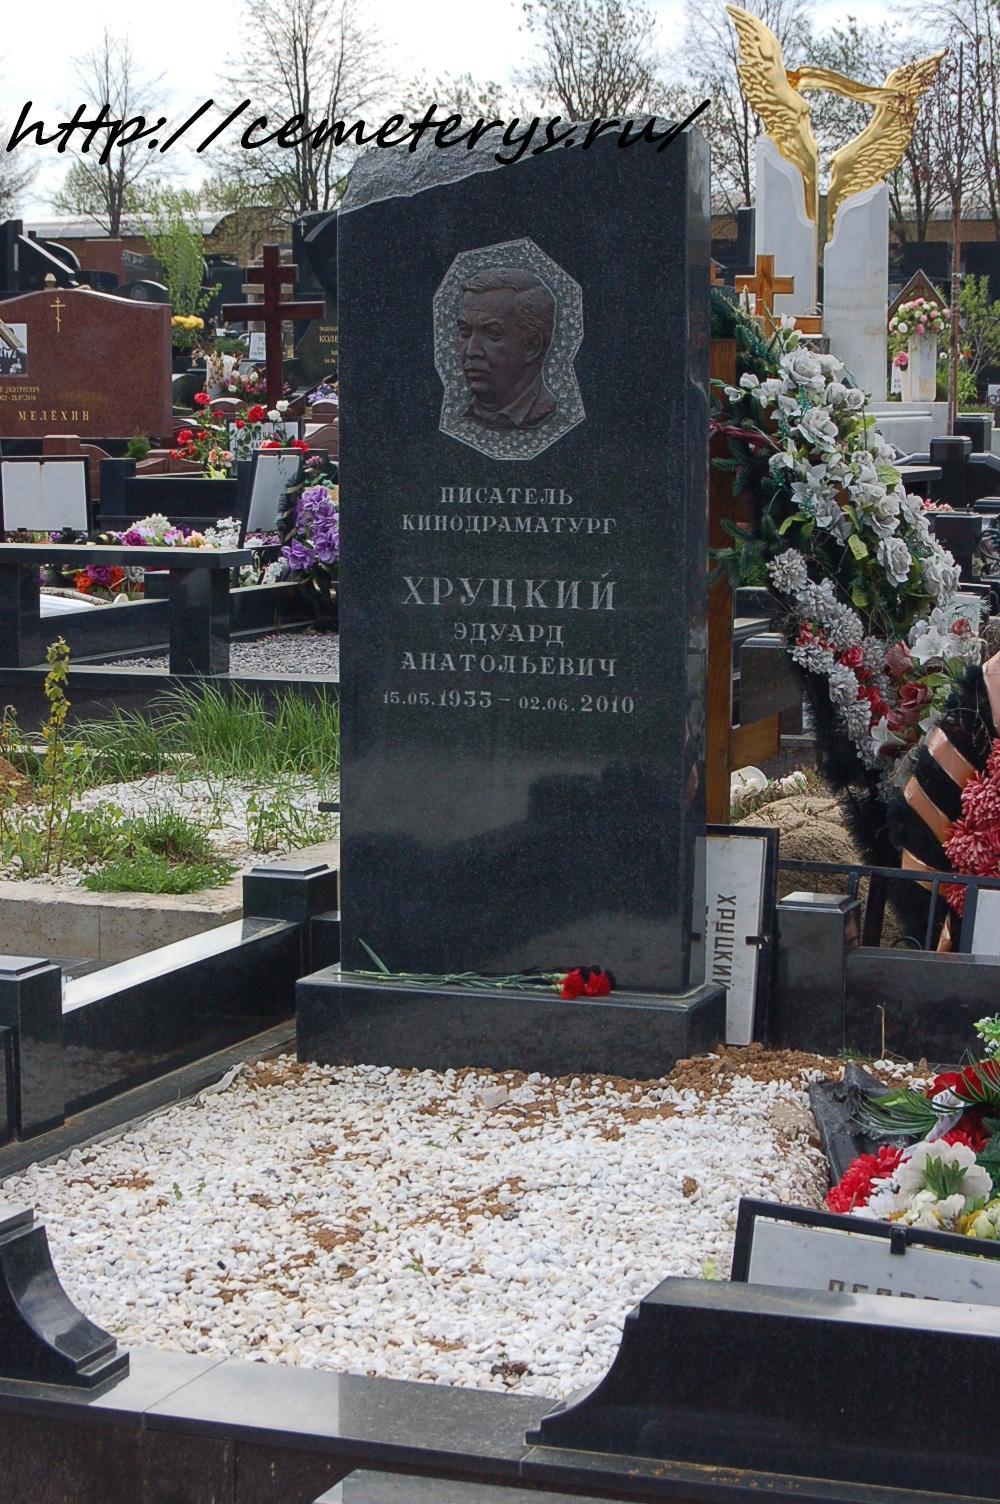 могила Эдуарда Хруцкого на Троекуровском кладбище в Москве ( фото Дмитрия Кондратьева)